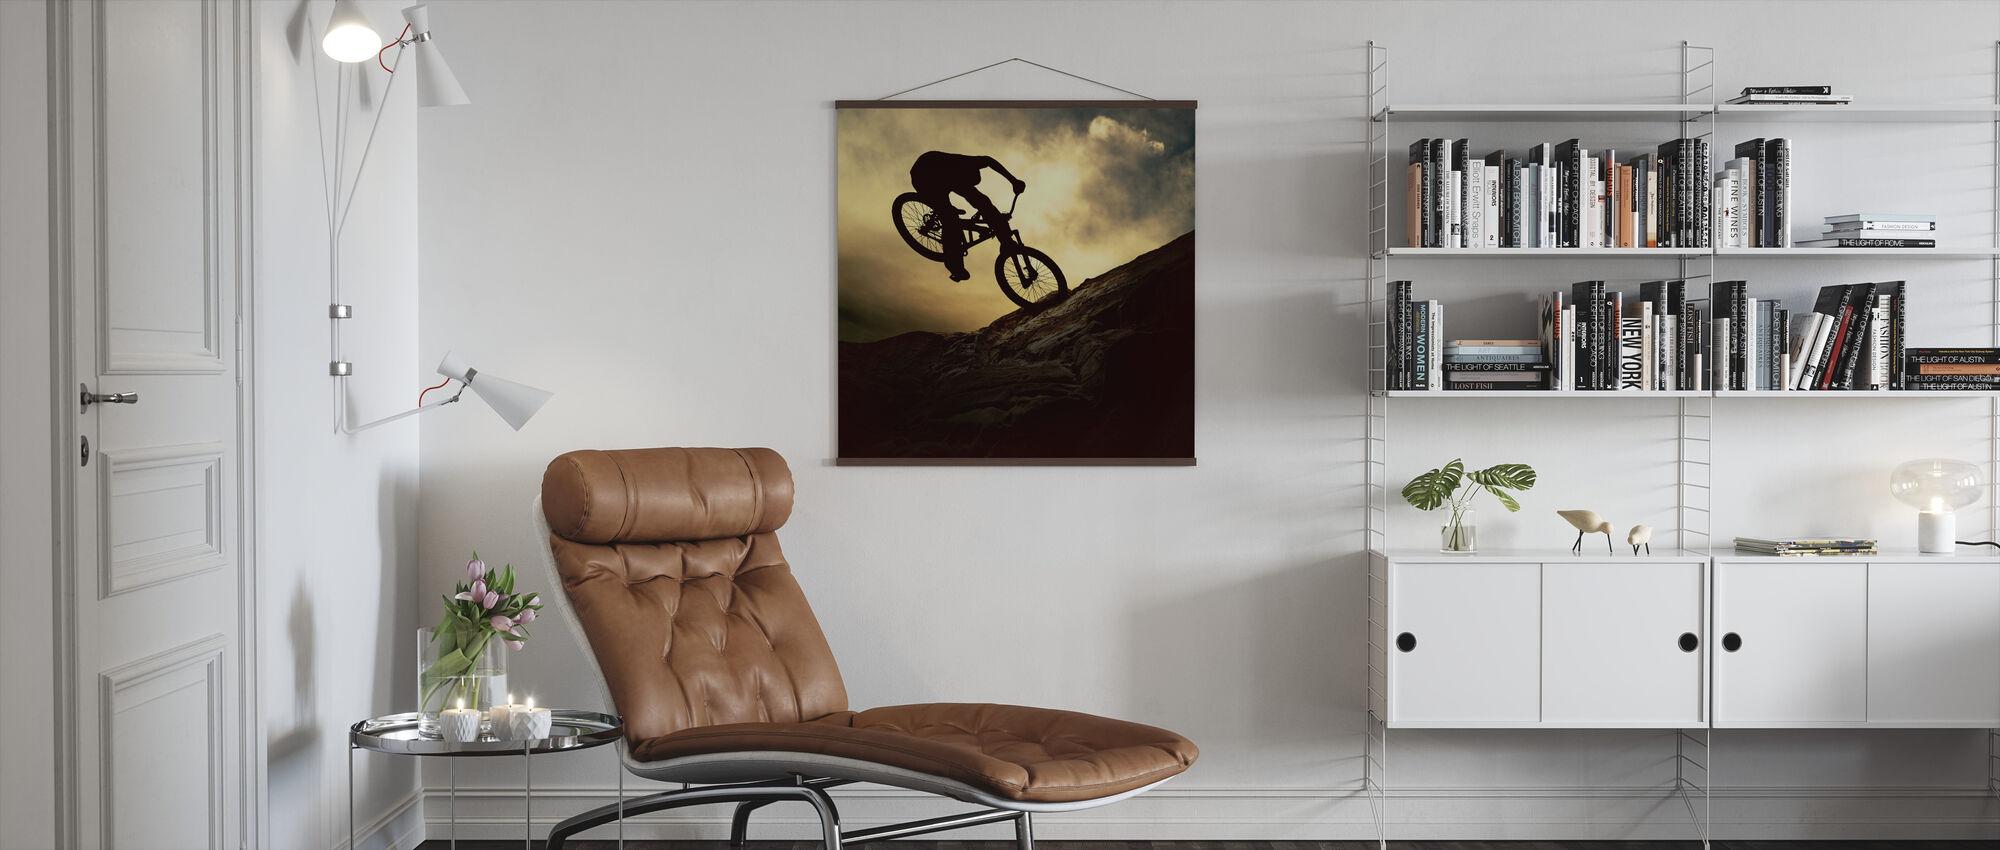 Mountainbike Rider - Poster - Woonkamer